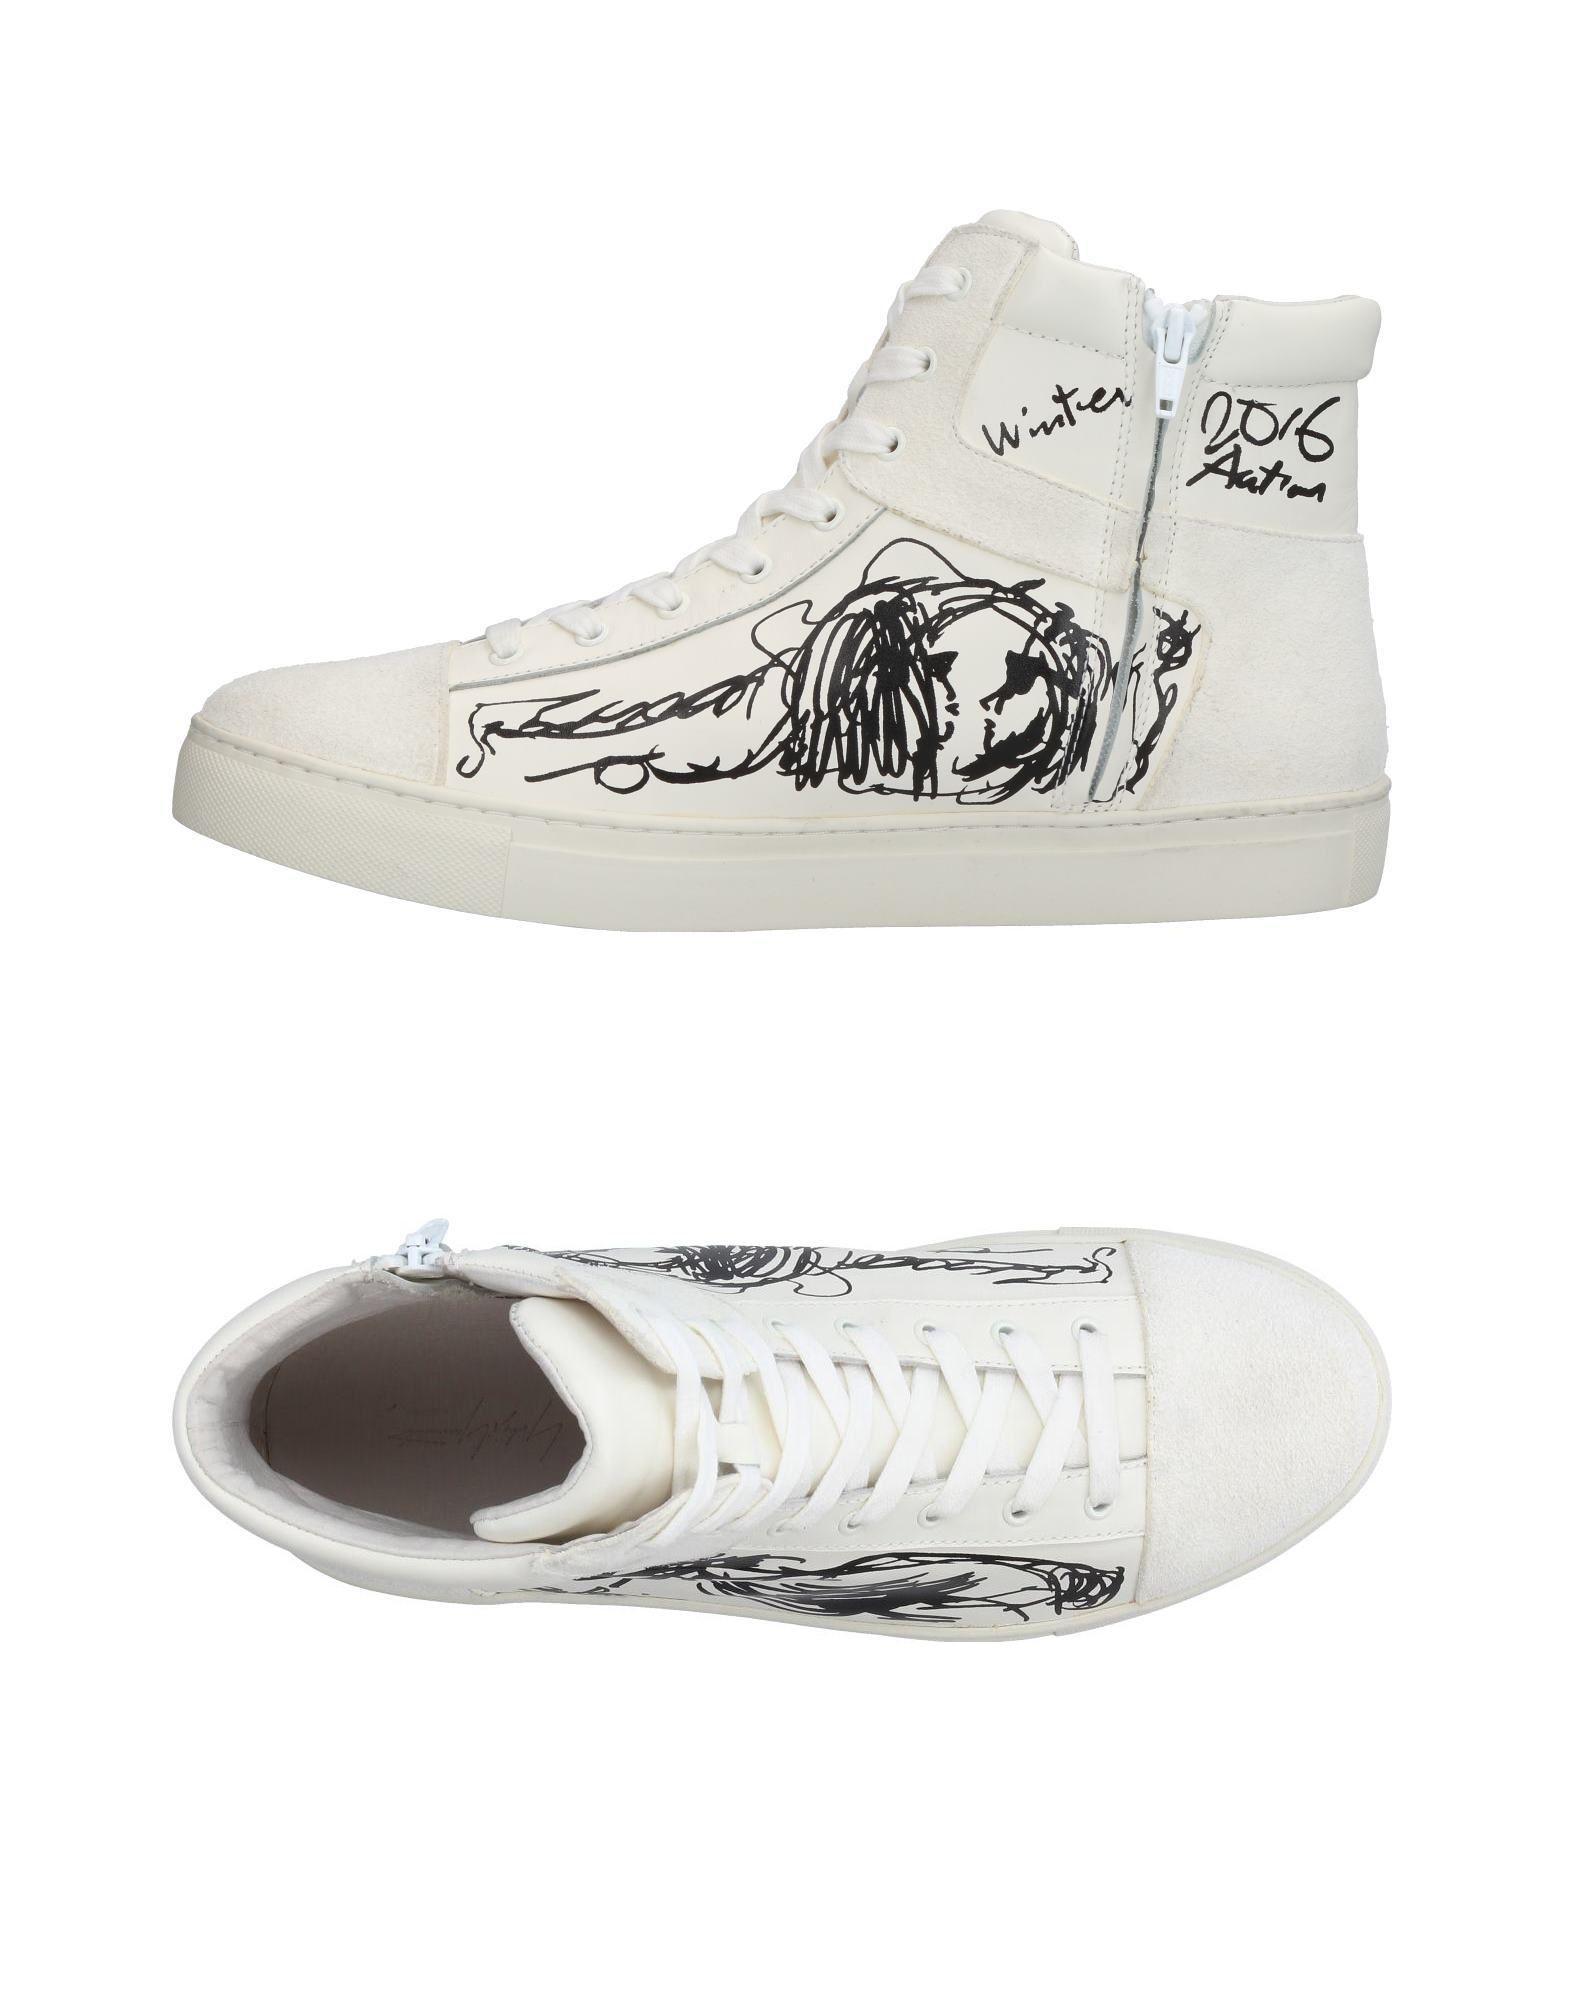 Yohji Yamamoto High-tops \u0026 Sneakers in